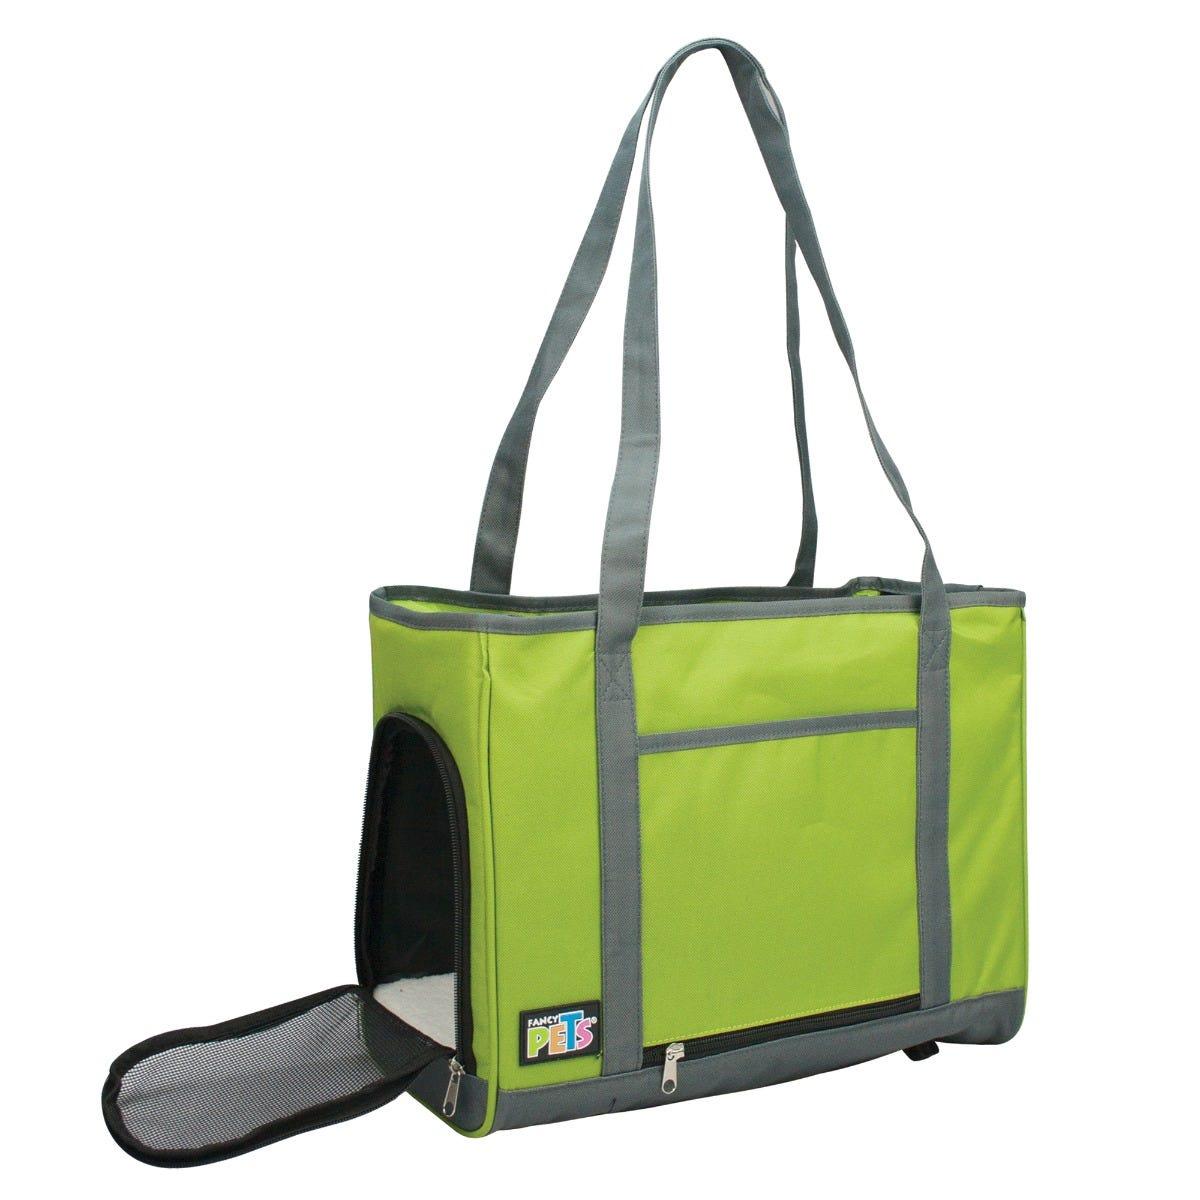 Transportadora de mano Fancy Pets®de tela en verde